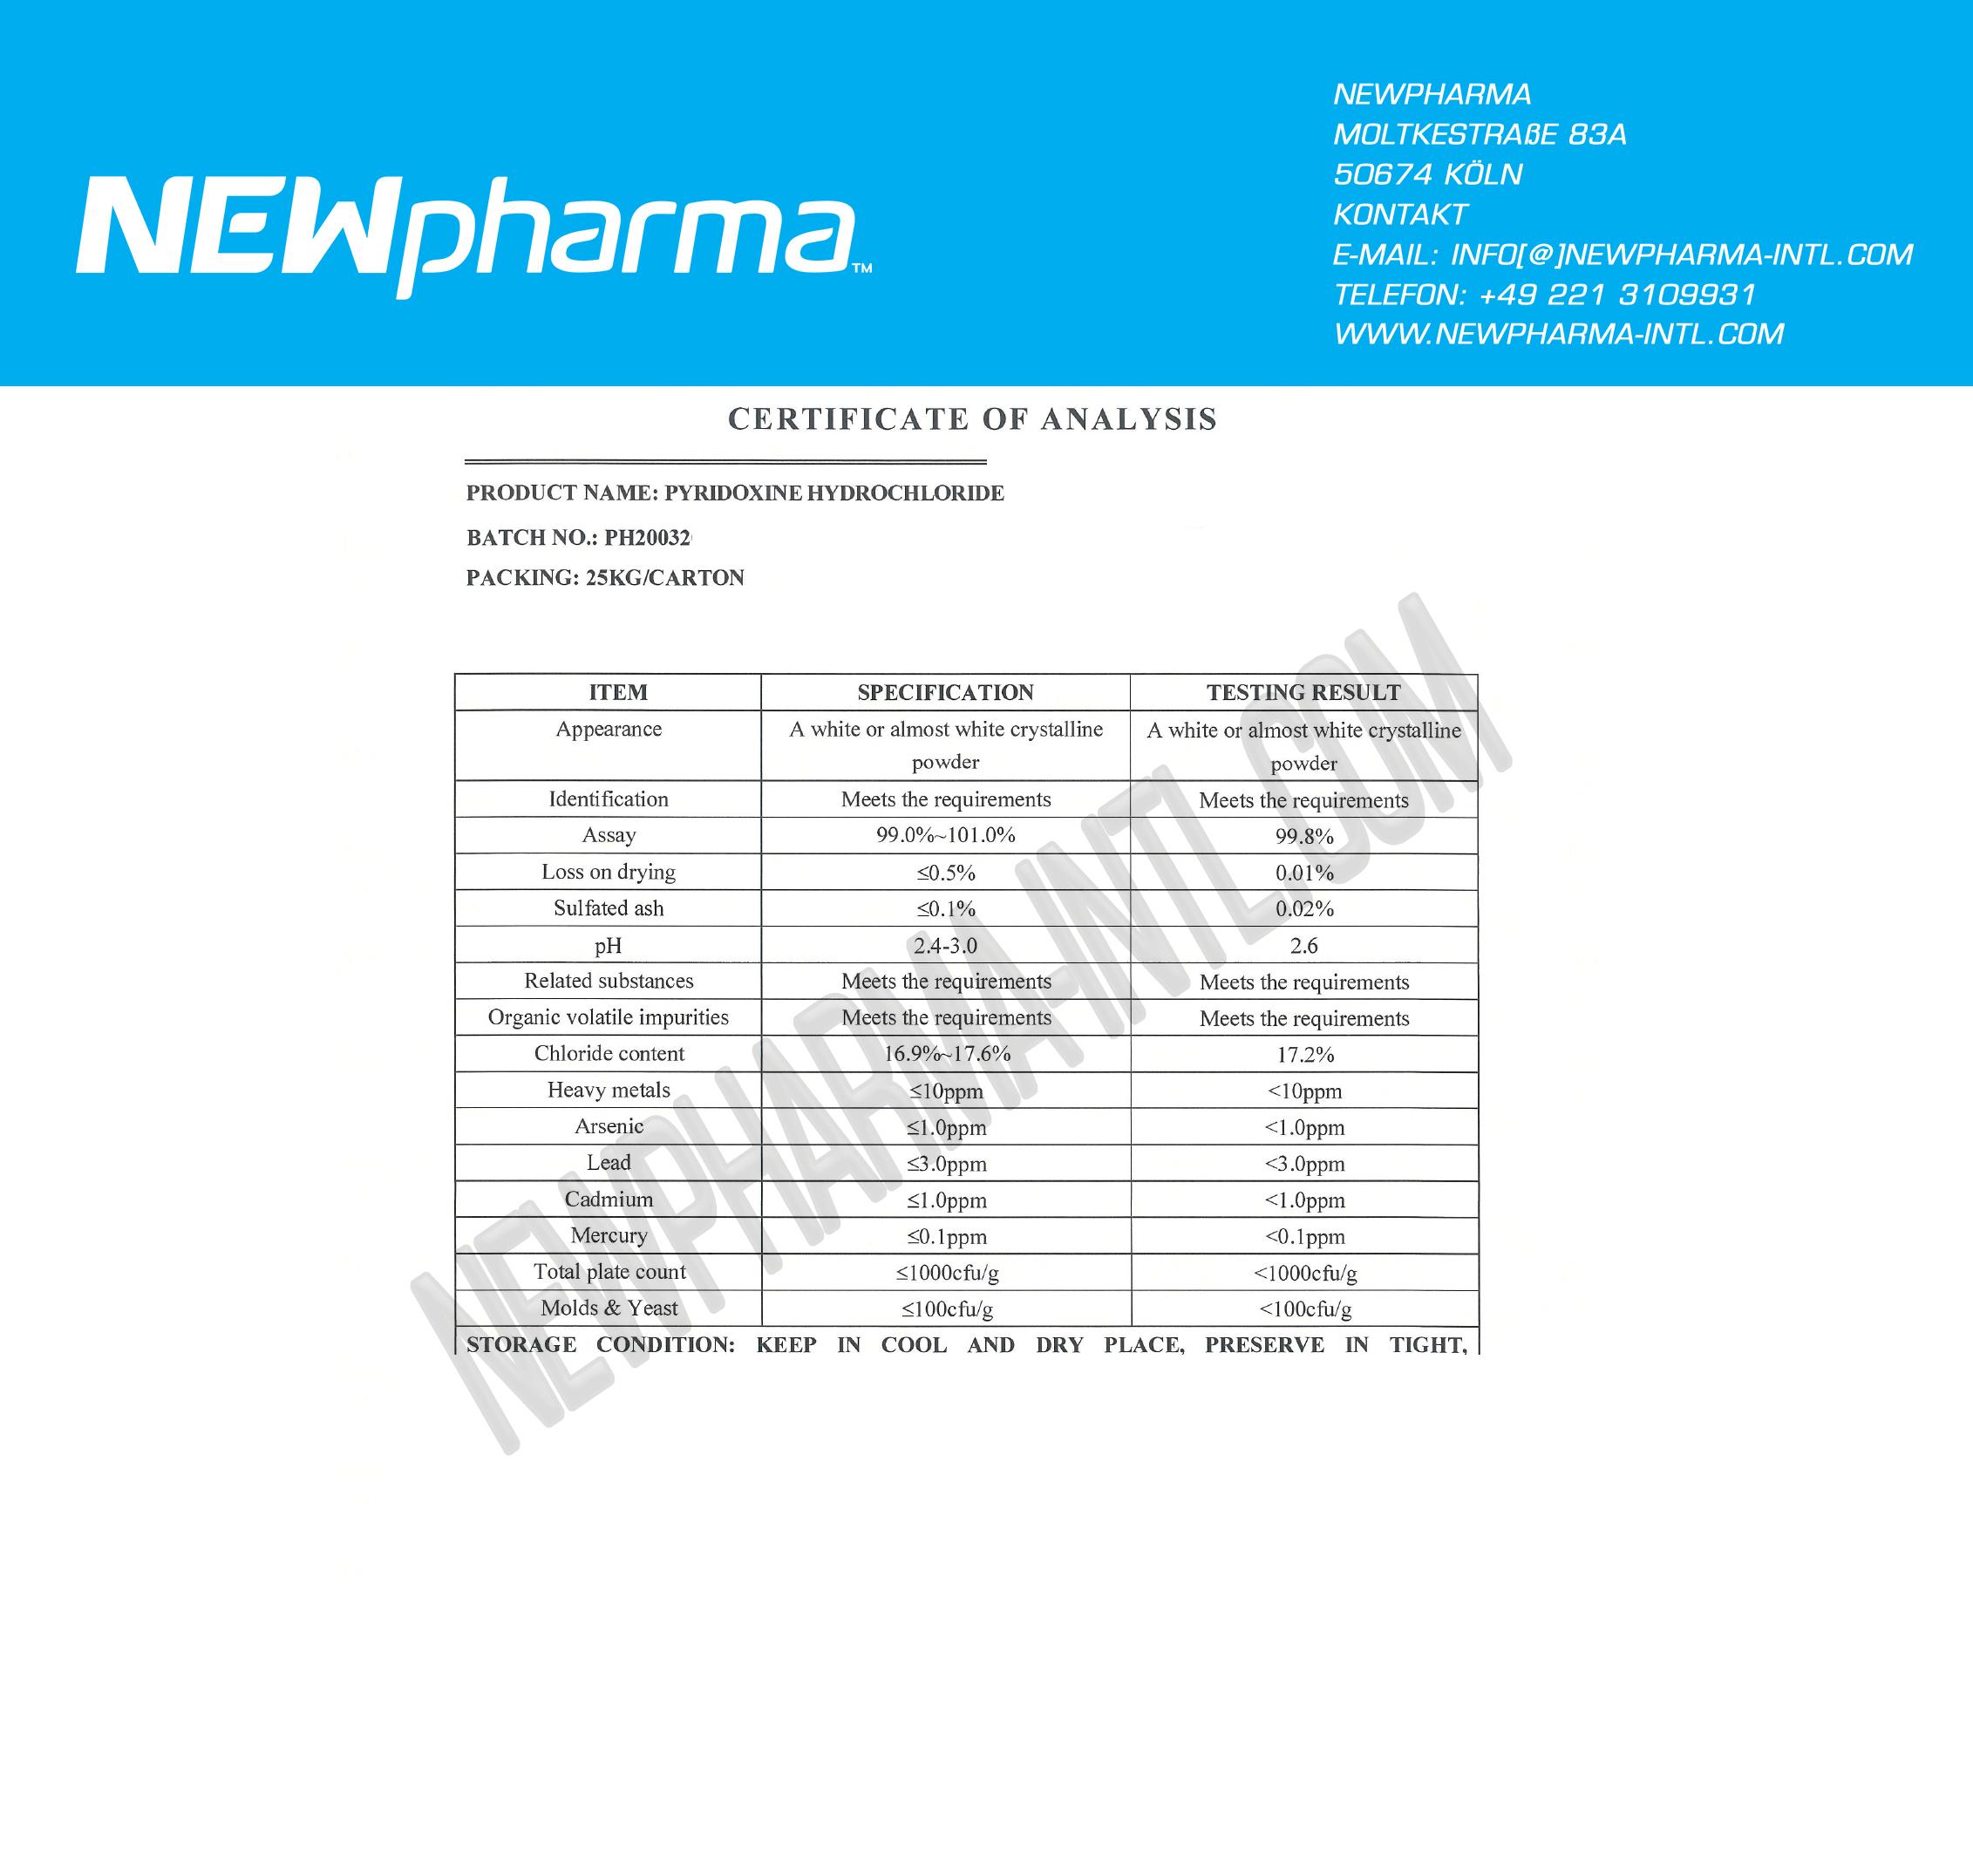 NEWPHARMA-B6vqAaRc4qFNCWY-5